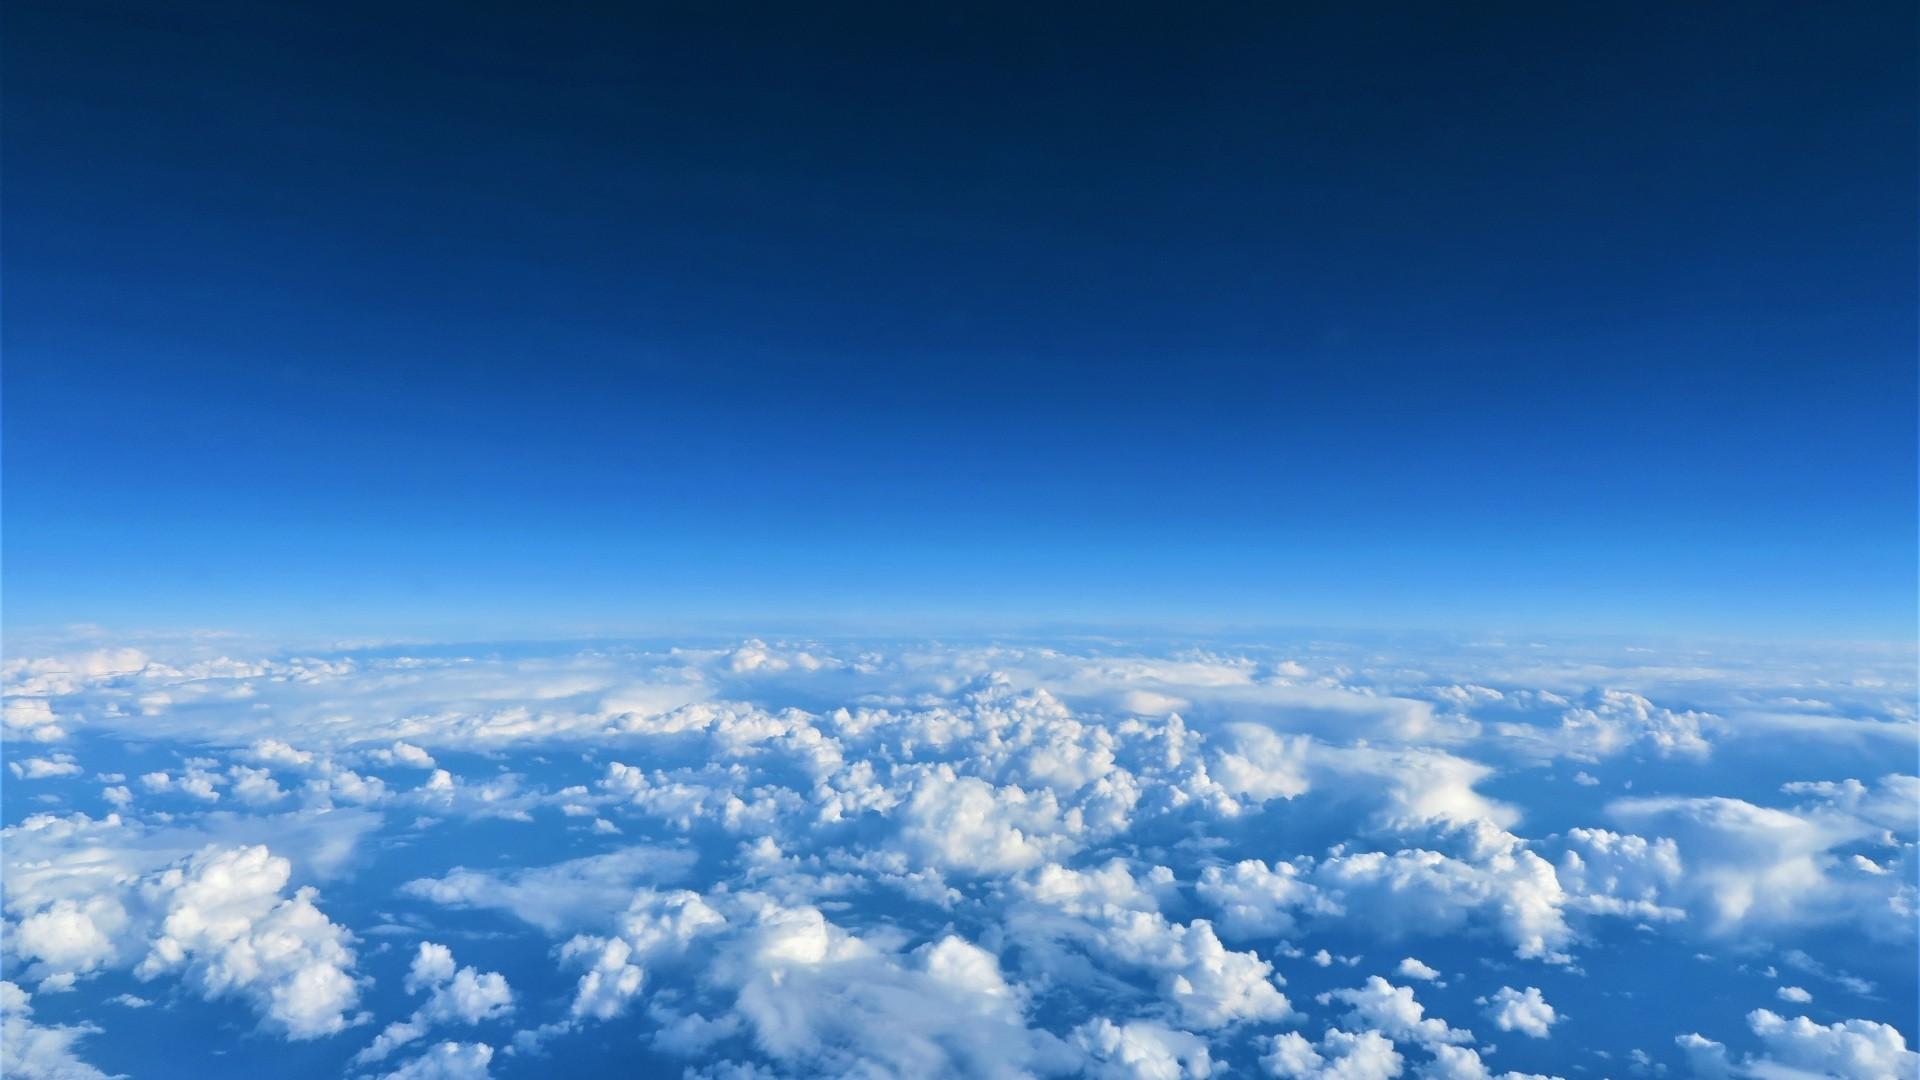 Blue Cloud a wallpaper